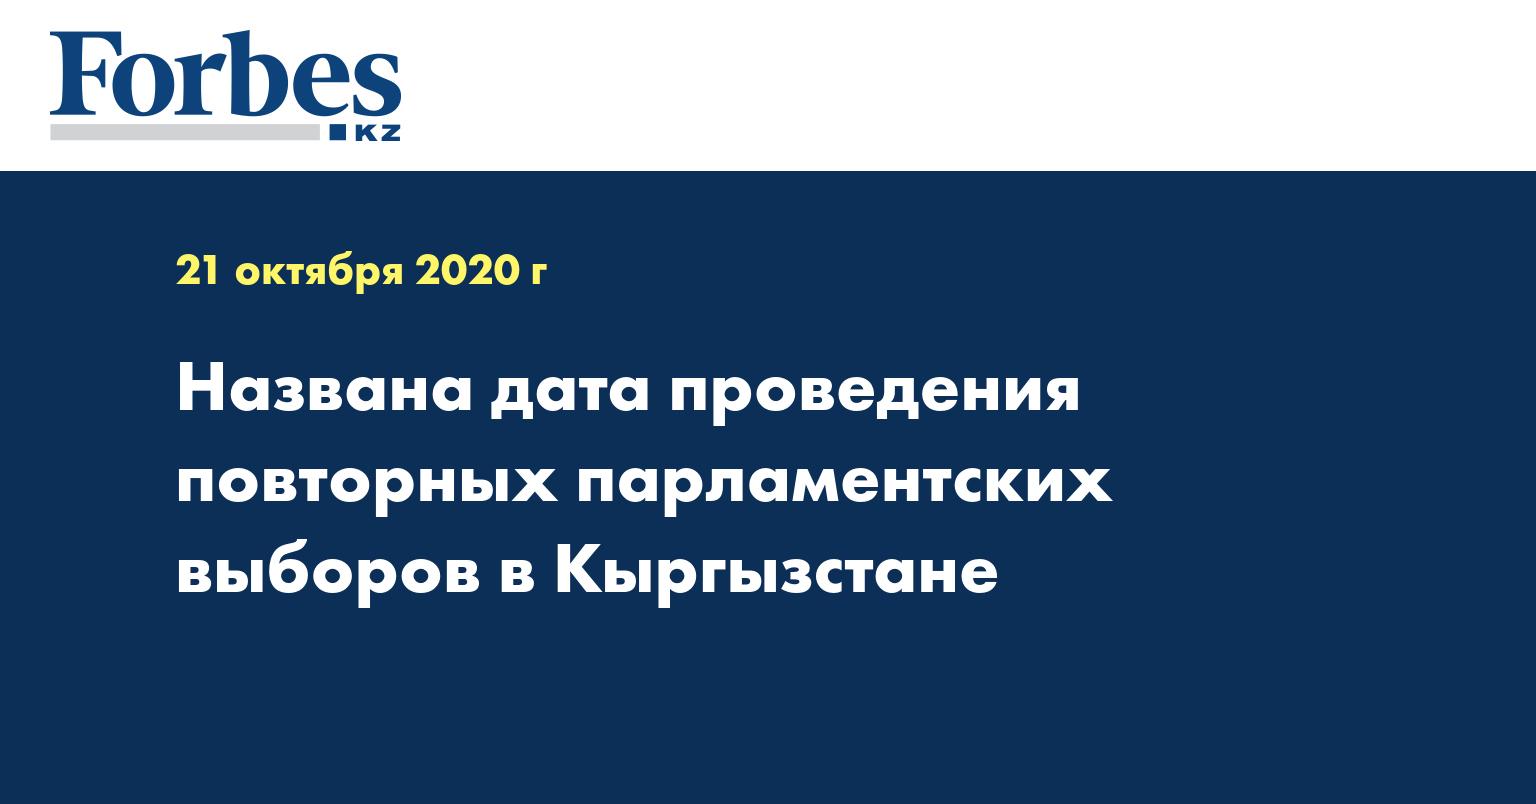 Названа дата проведения повторных парламентских выборов в Кыргызстане